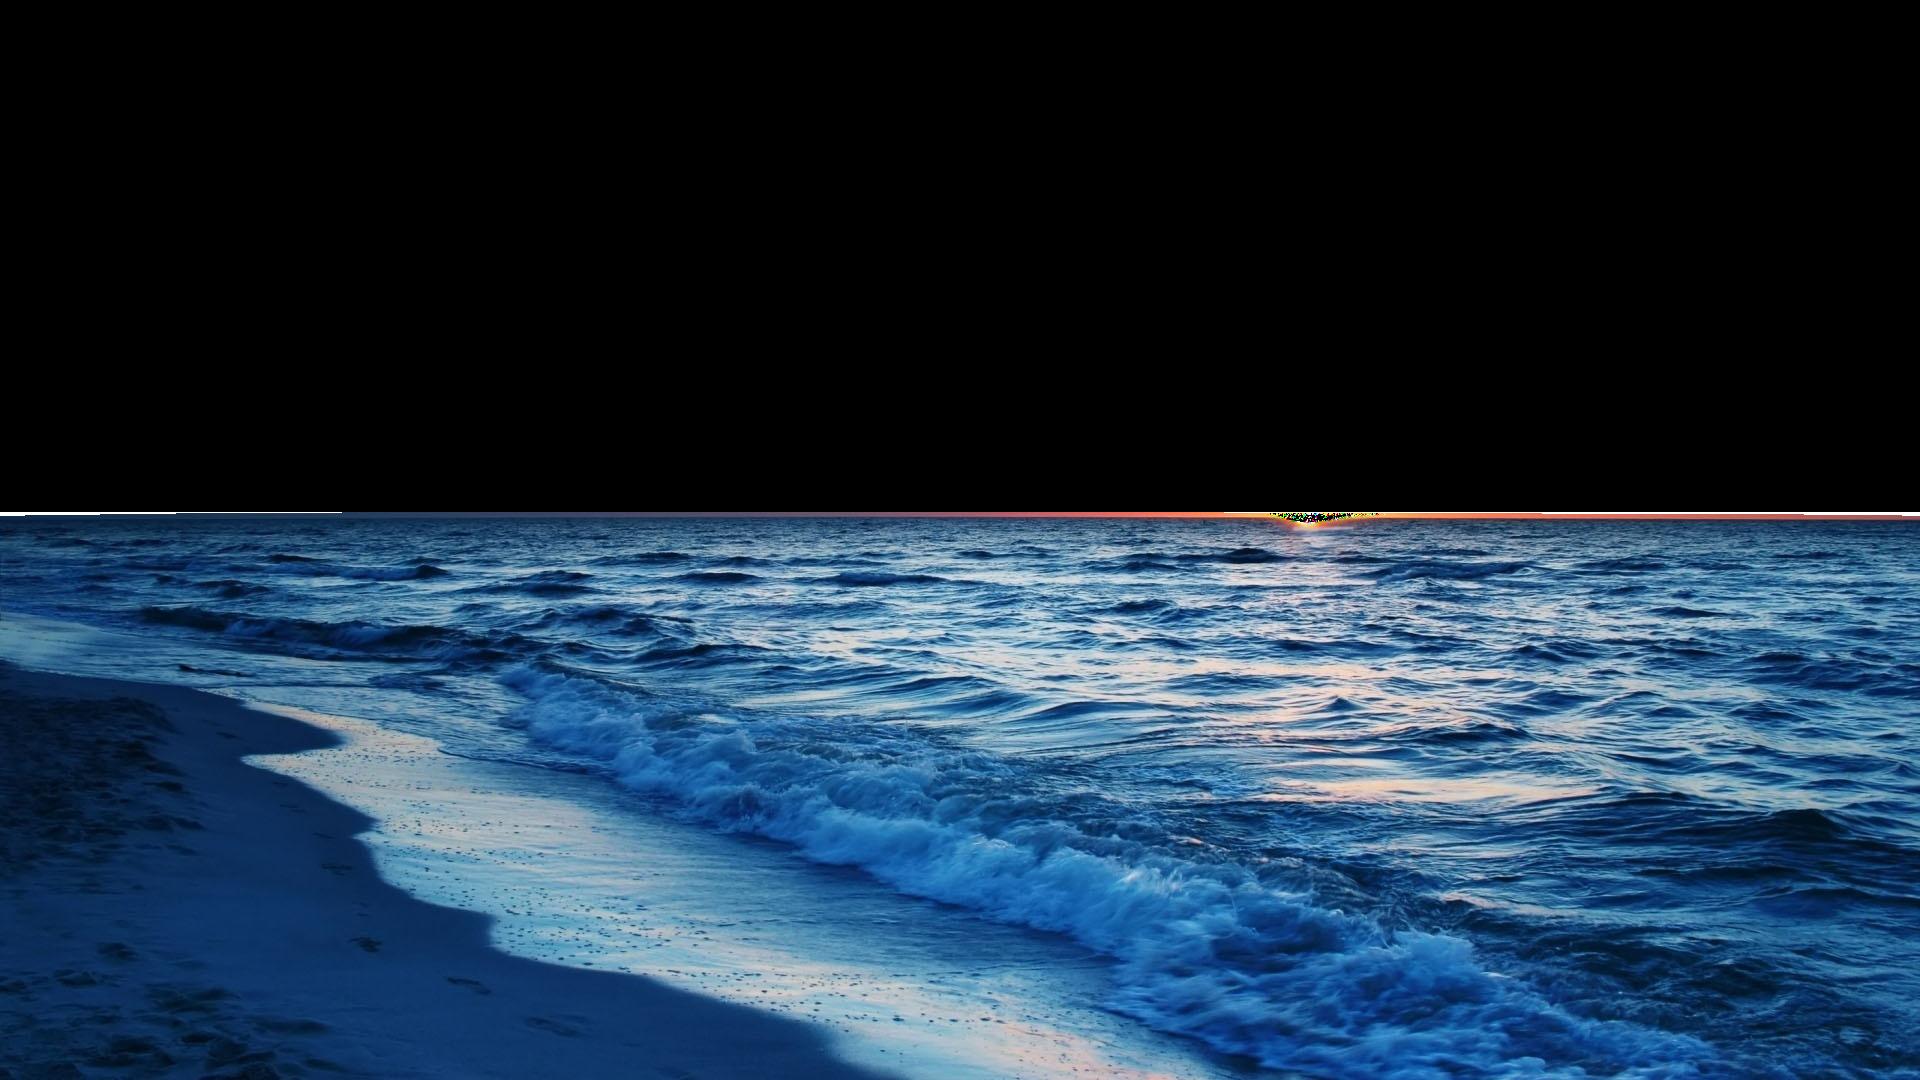 Sea With Beach